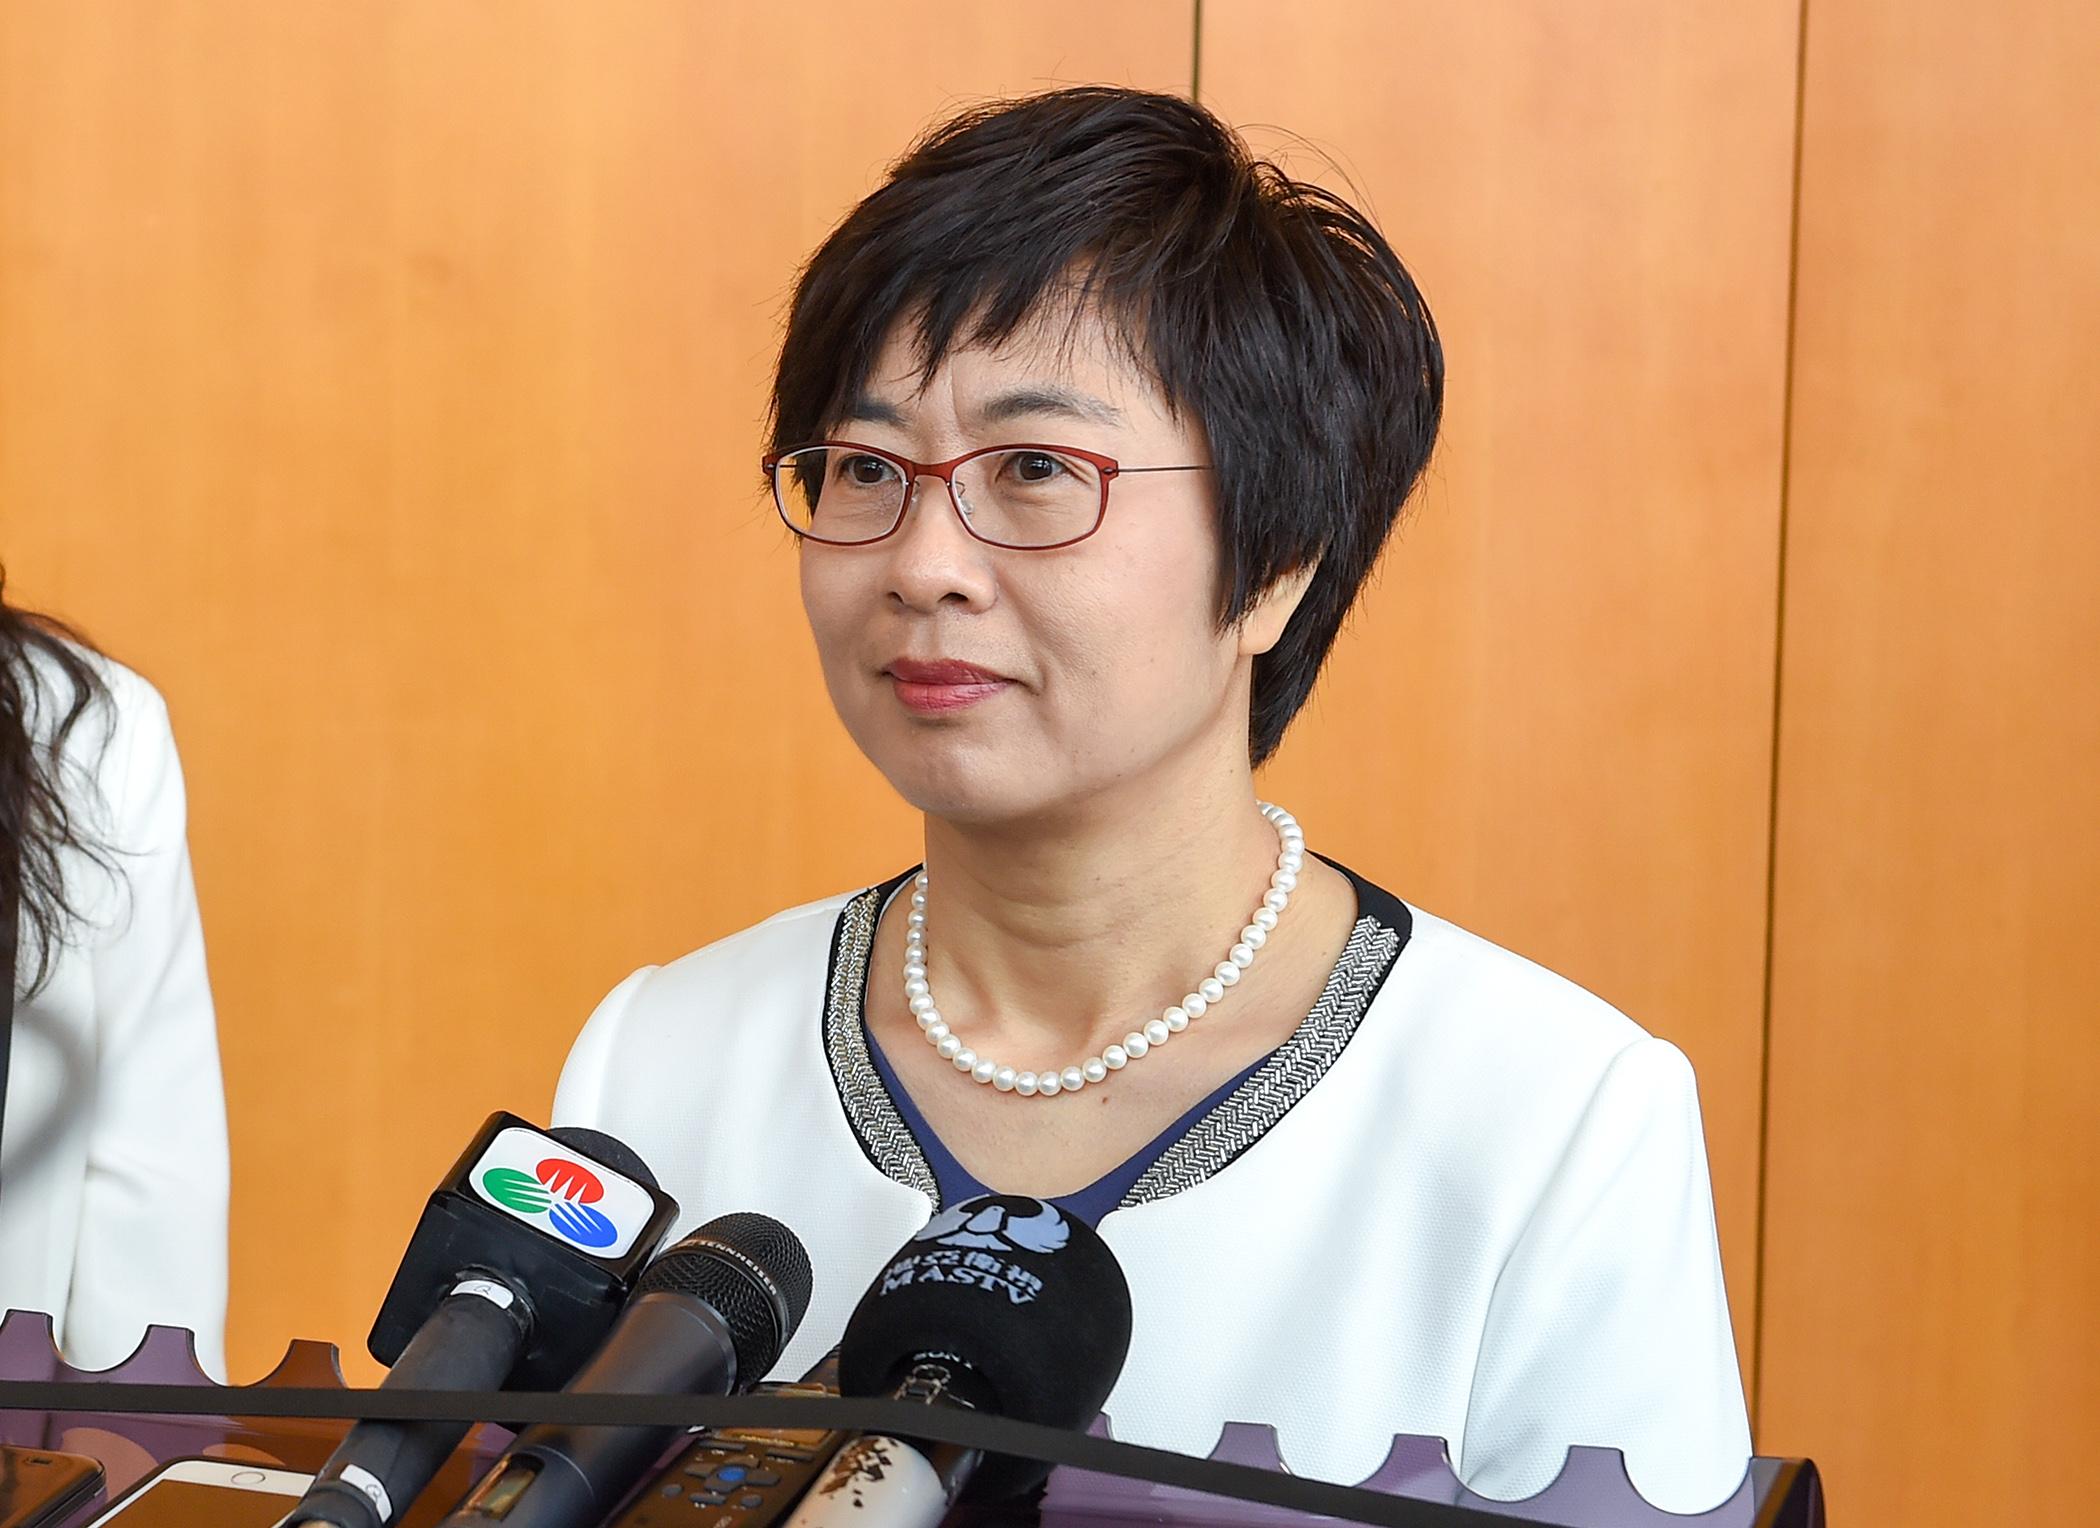 Entrega de prisioneiros | Macau e Hong podem estar próximos de celebrar acordo